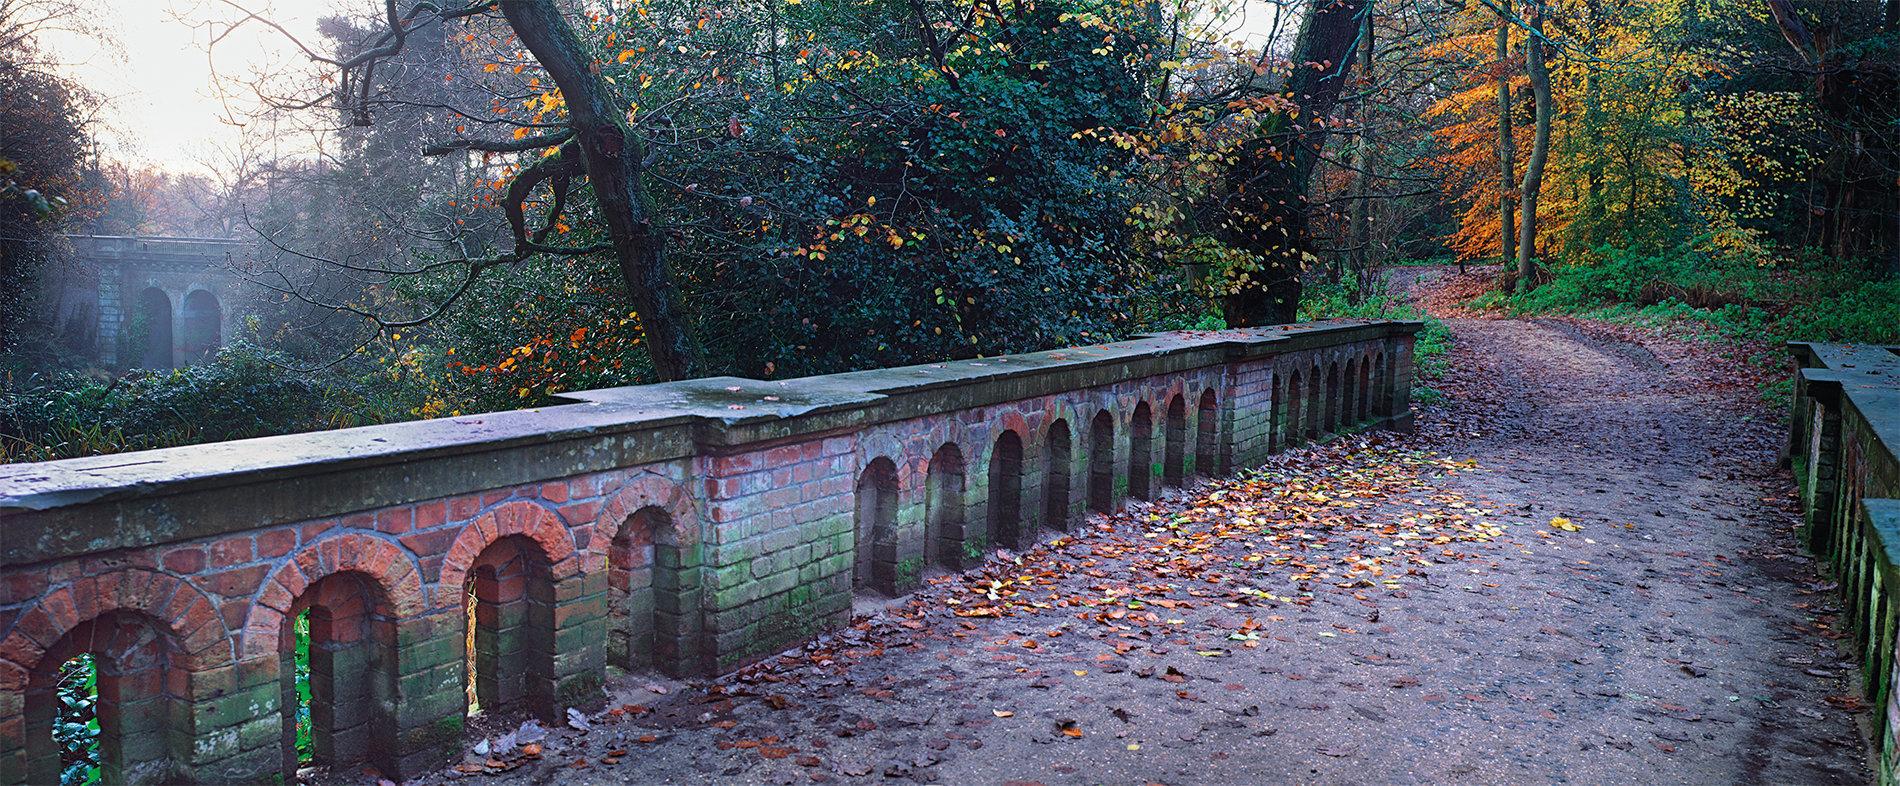 Hampstead Heath